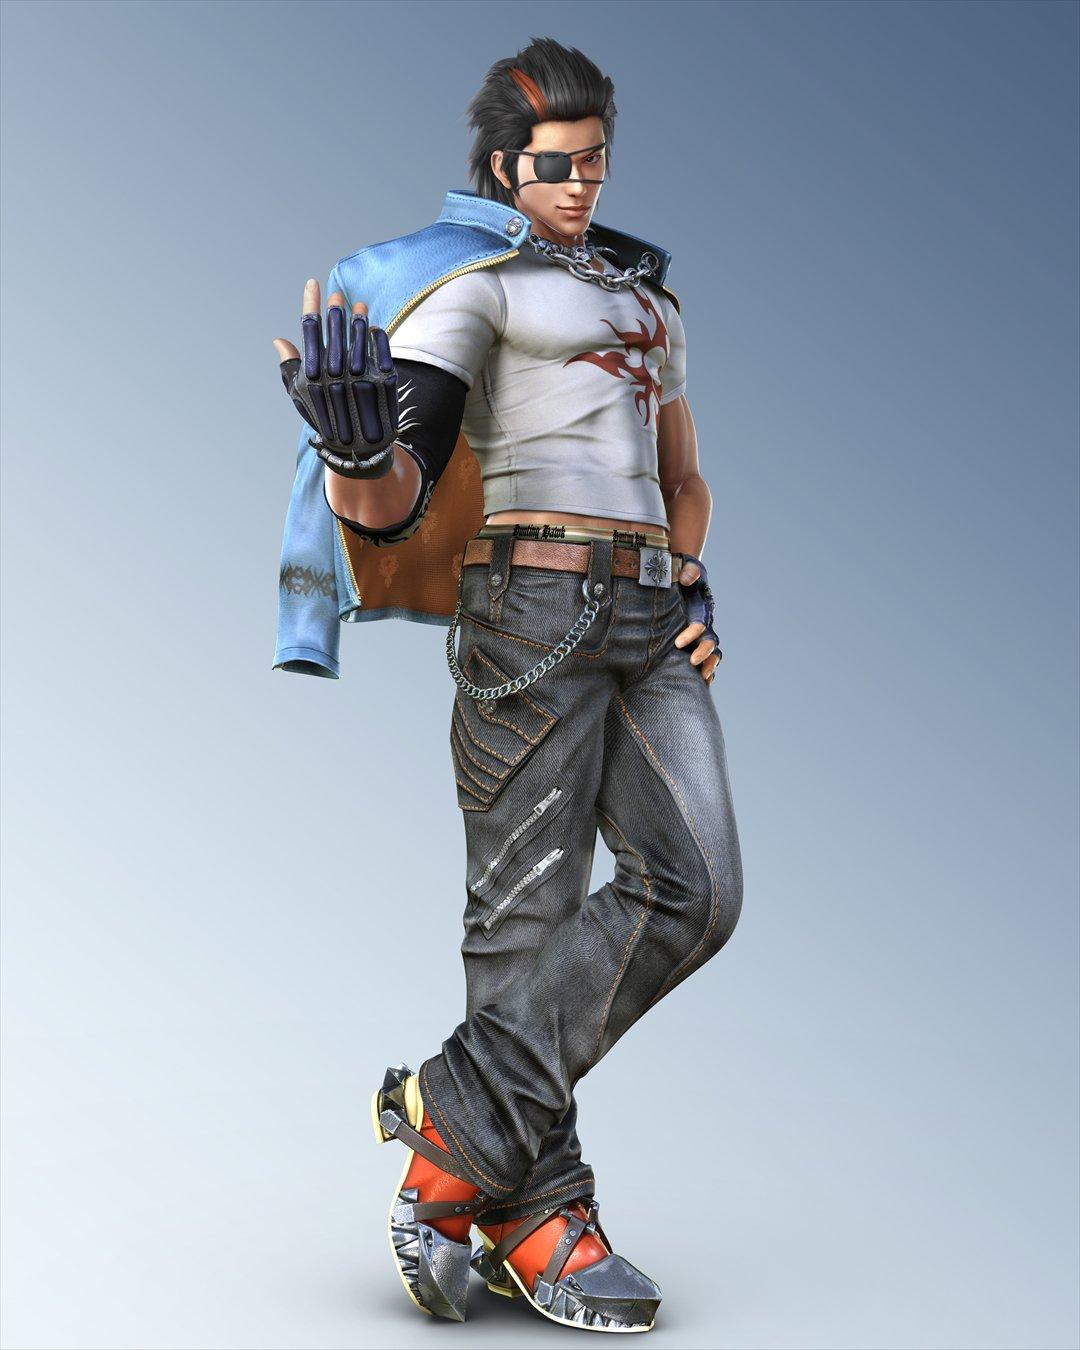 Hwoarang Tekken Wiki Fandom